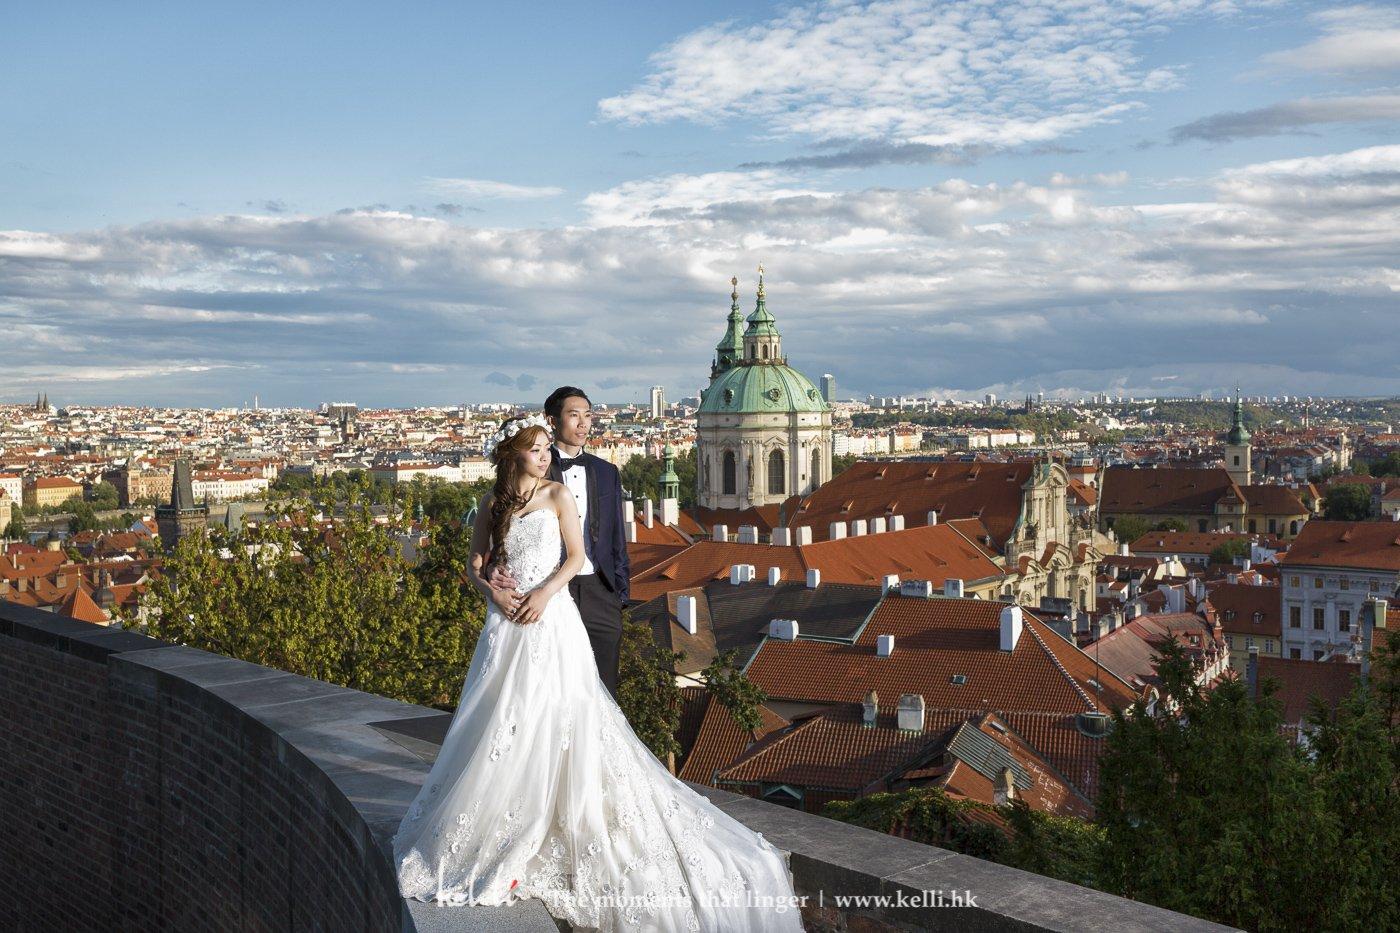 这里能饱览布拉格的红屋顶全景,但首要是新人不能畏高,哈哈